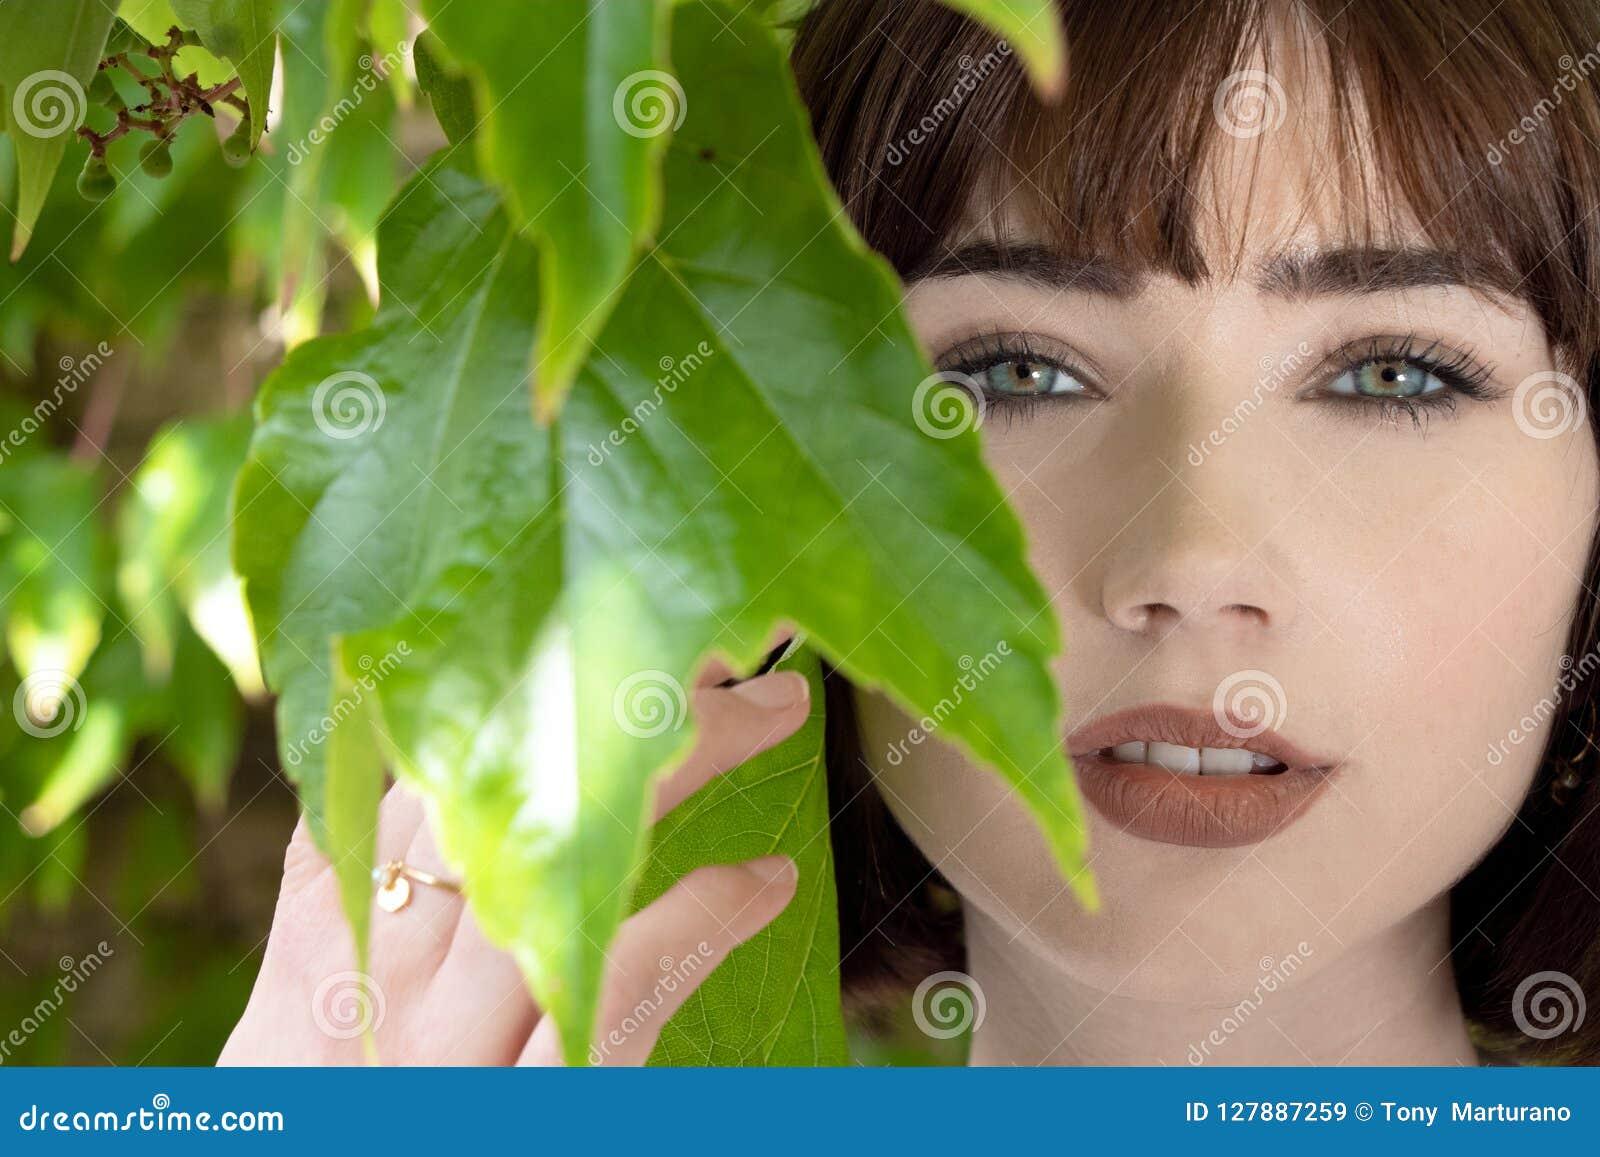 Piękna kobieta za zielenią opuszcza patrzeć kamerę